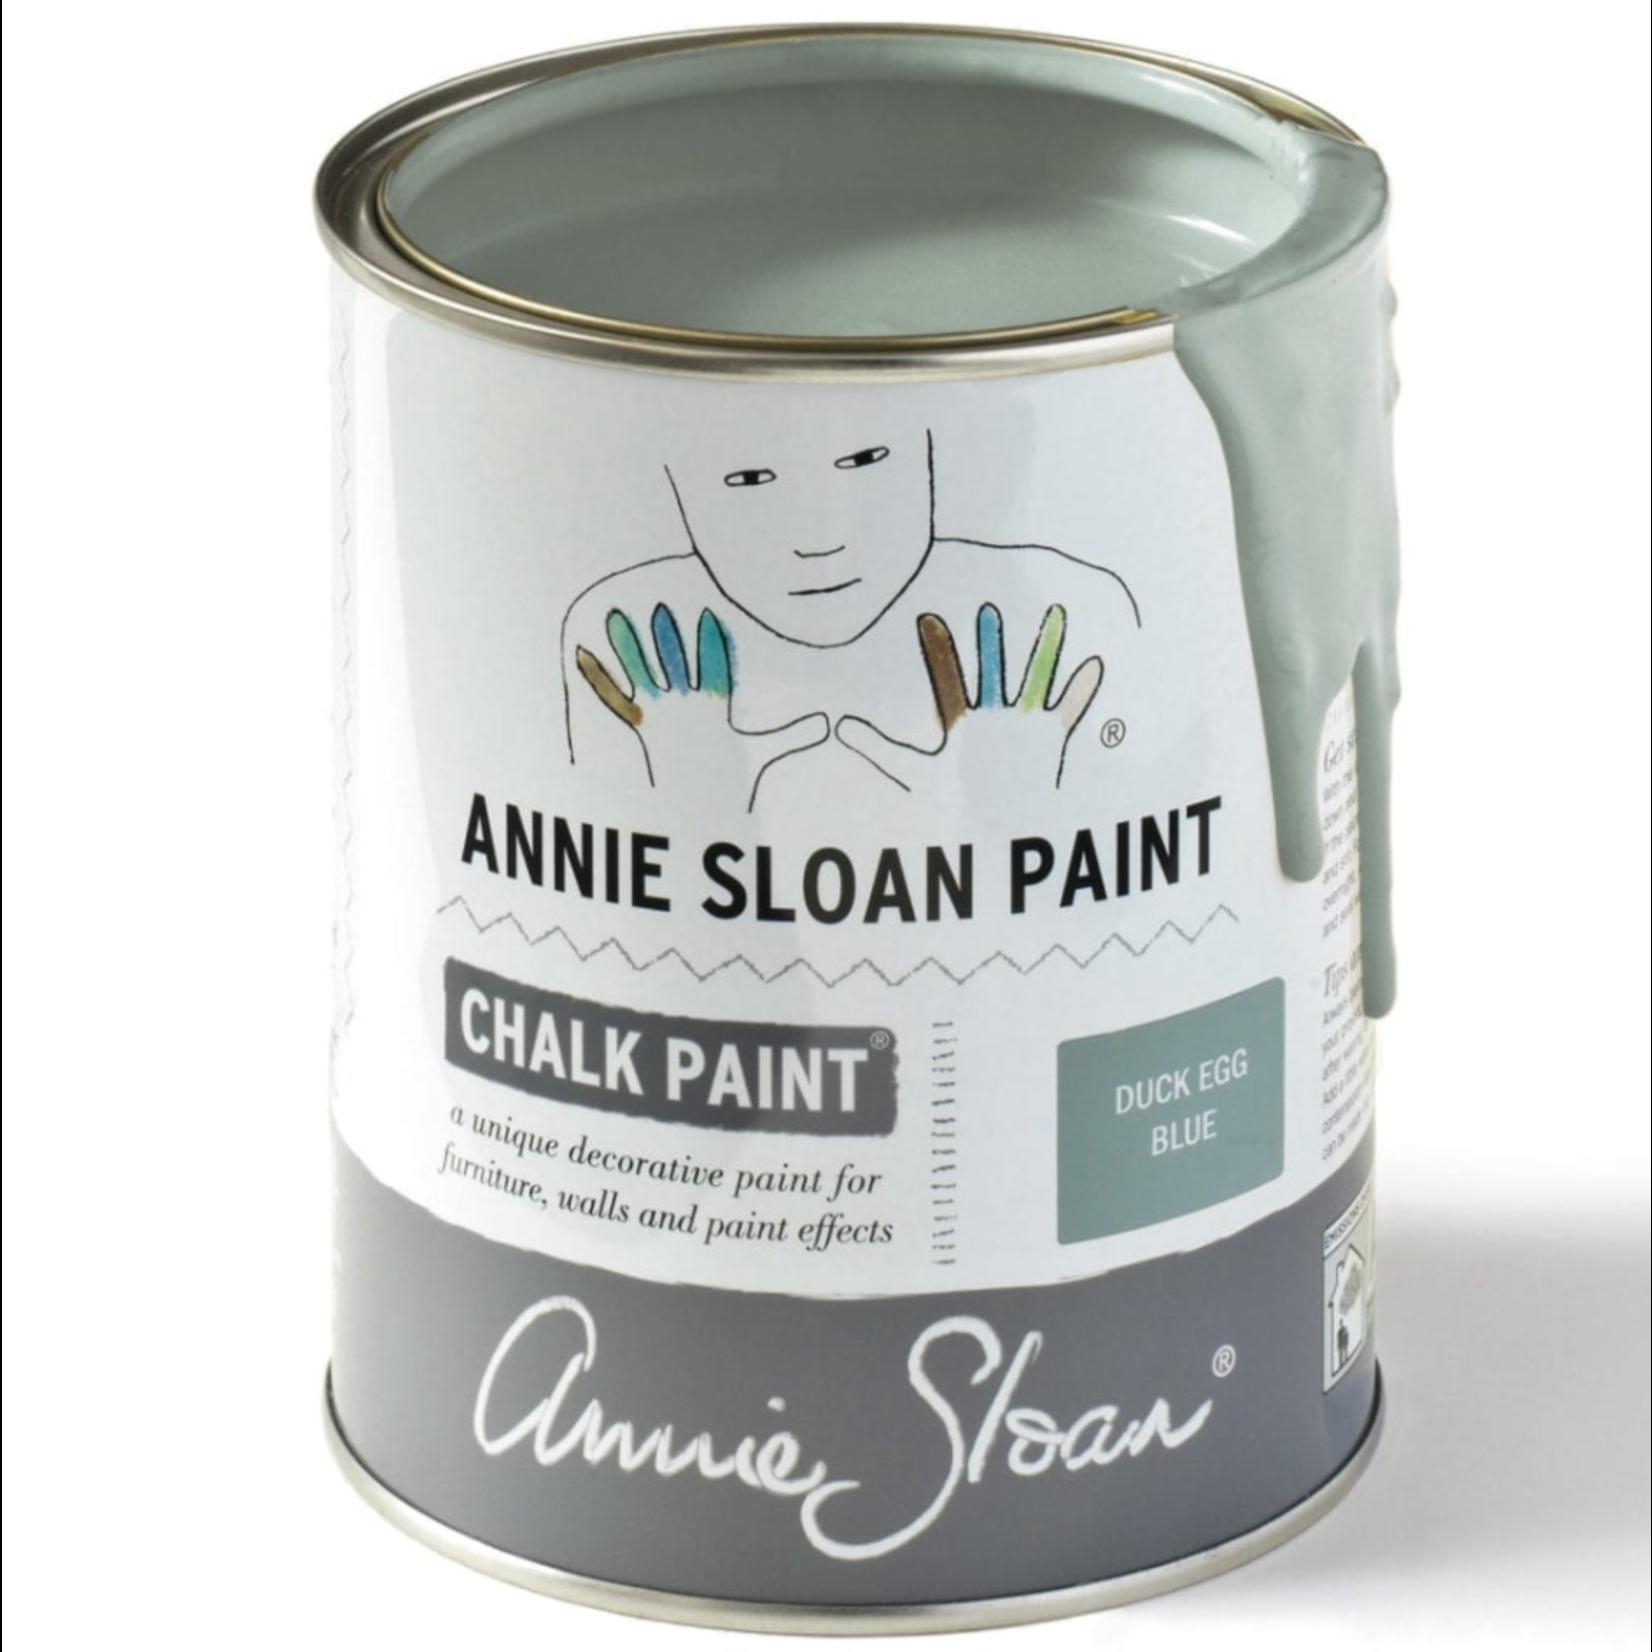 Annie Sloan Annie Sloan Duck Egg Blue Chalk Paint